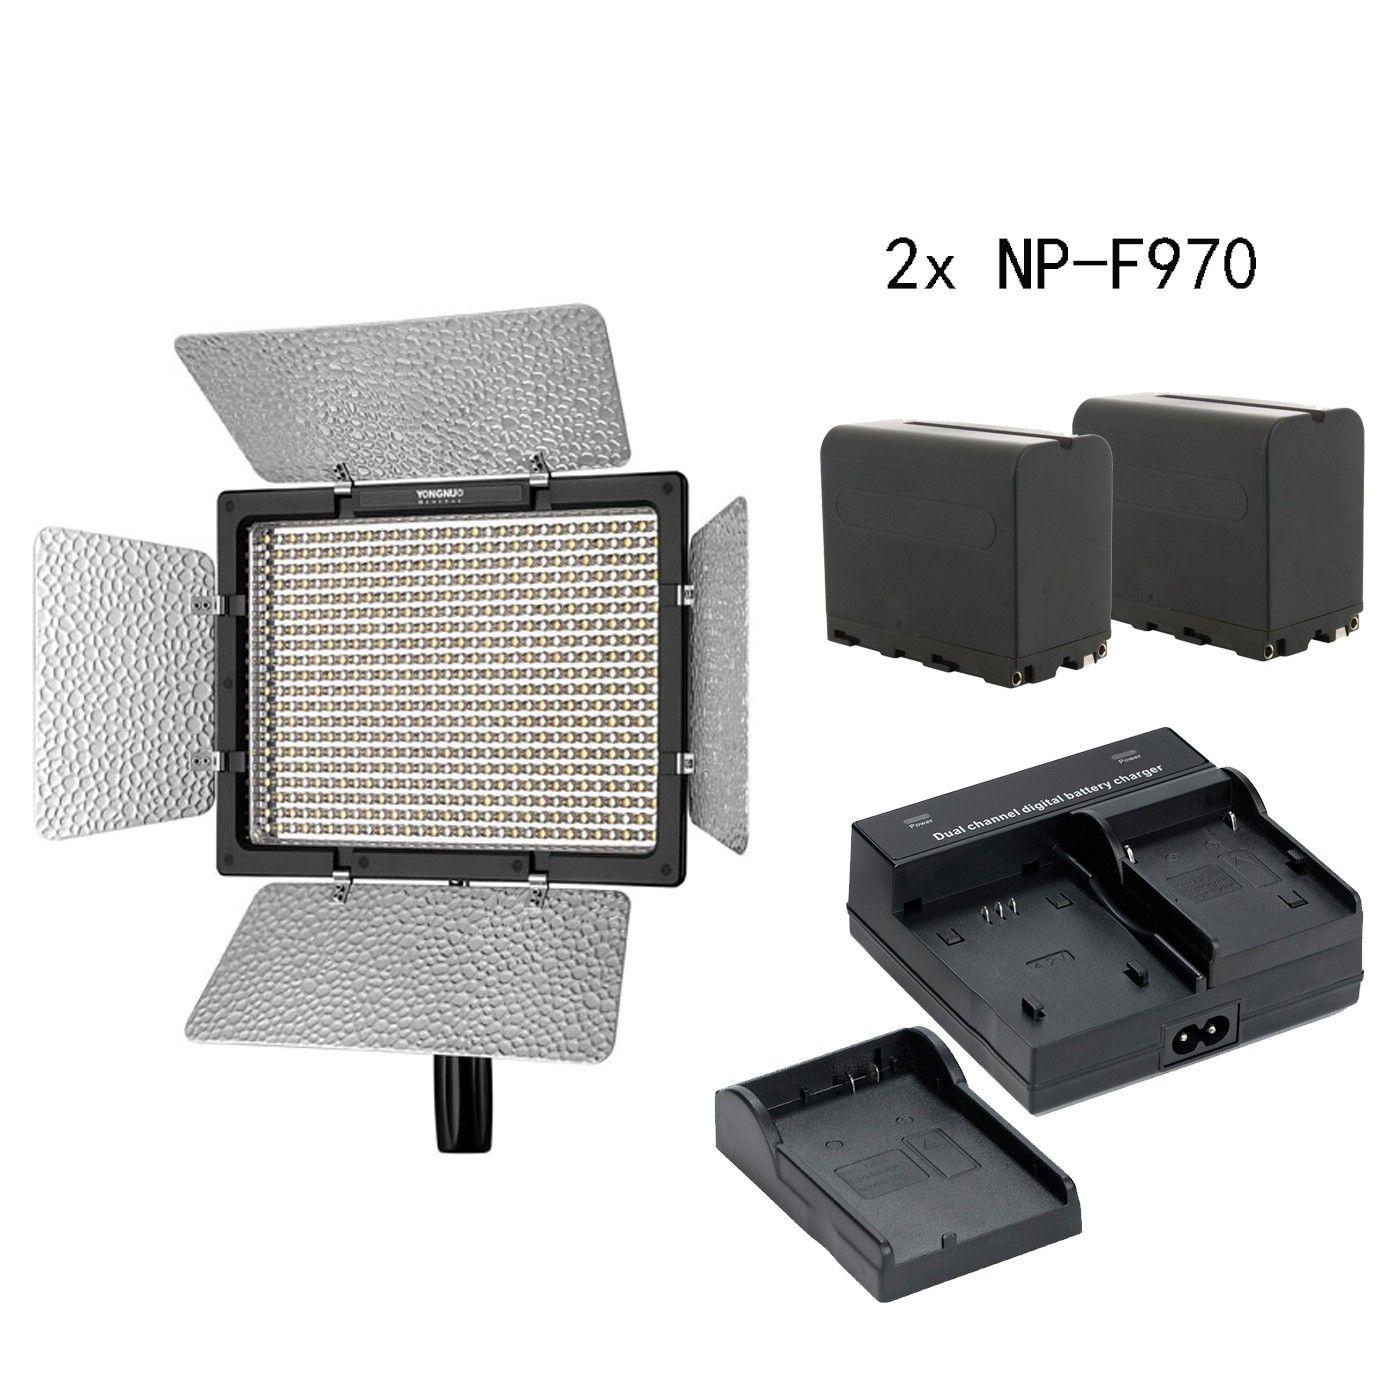 YONGNUO YN600L II YN 600 II CRI 95 Panel LED Video Light Remote control & 2* NP-F970 battery & charger